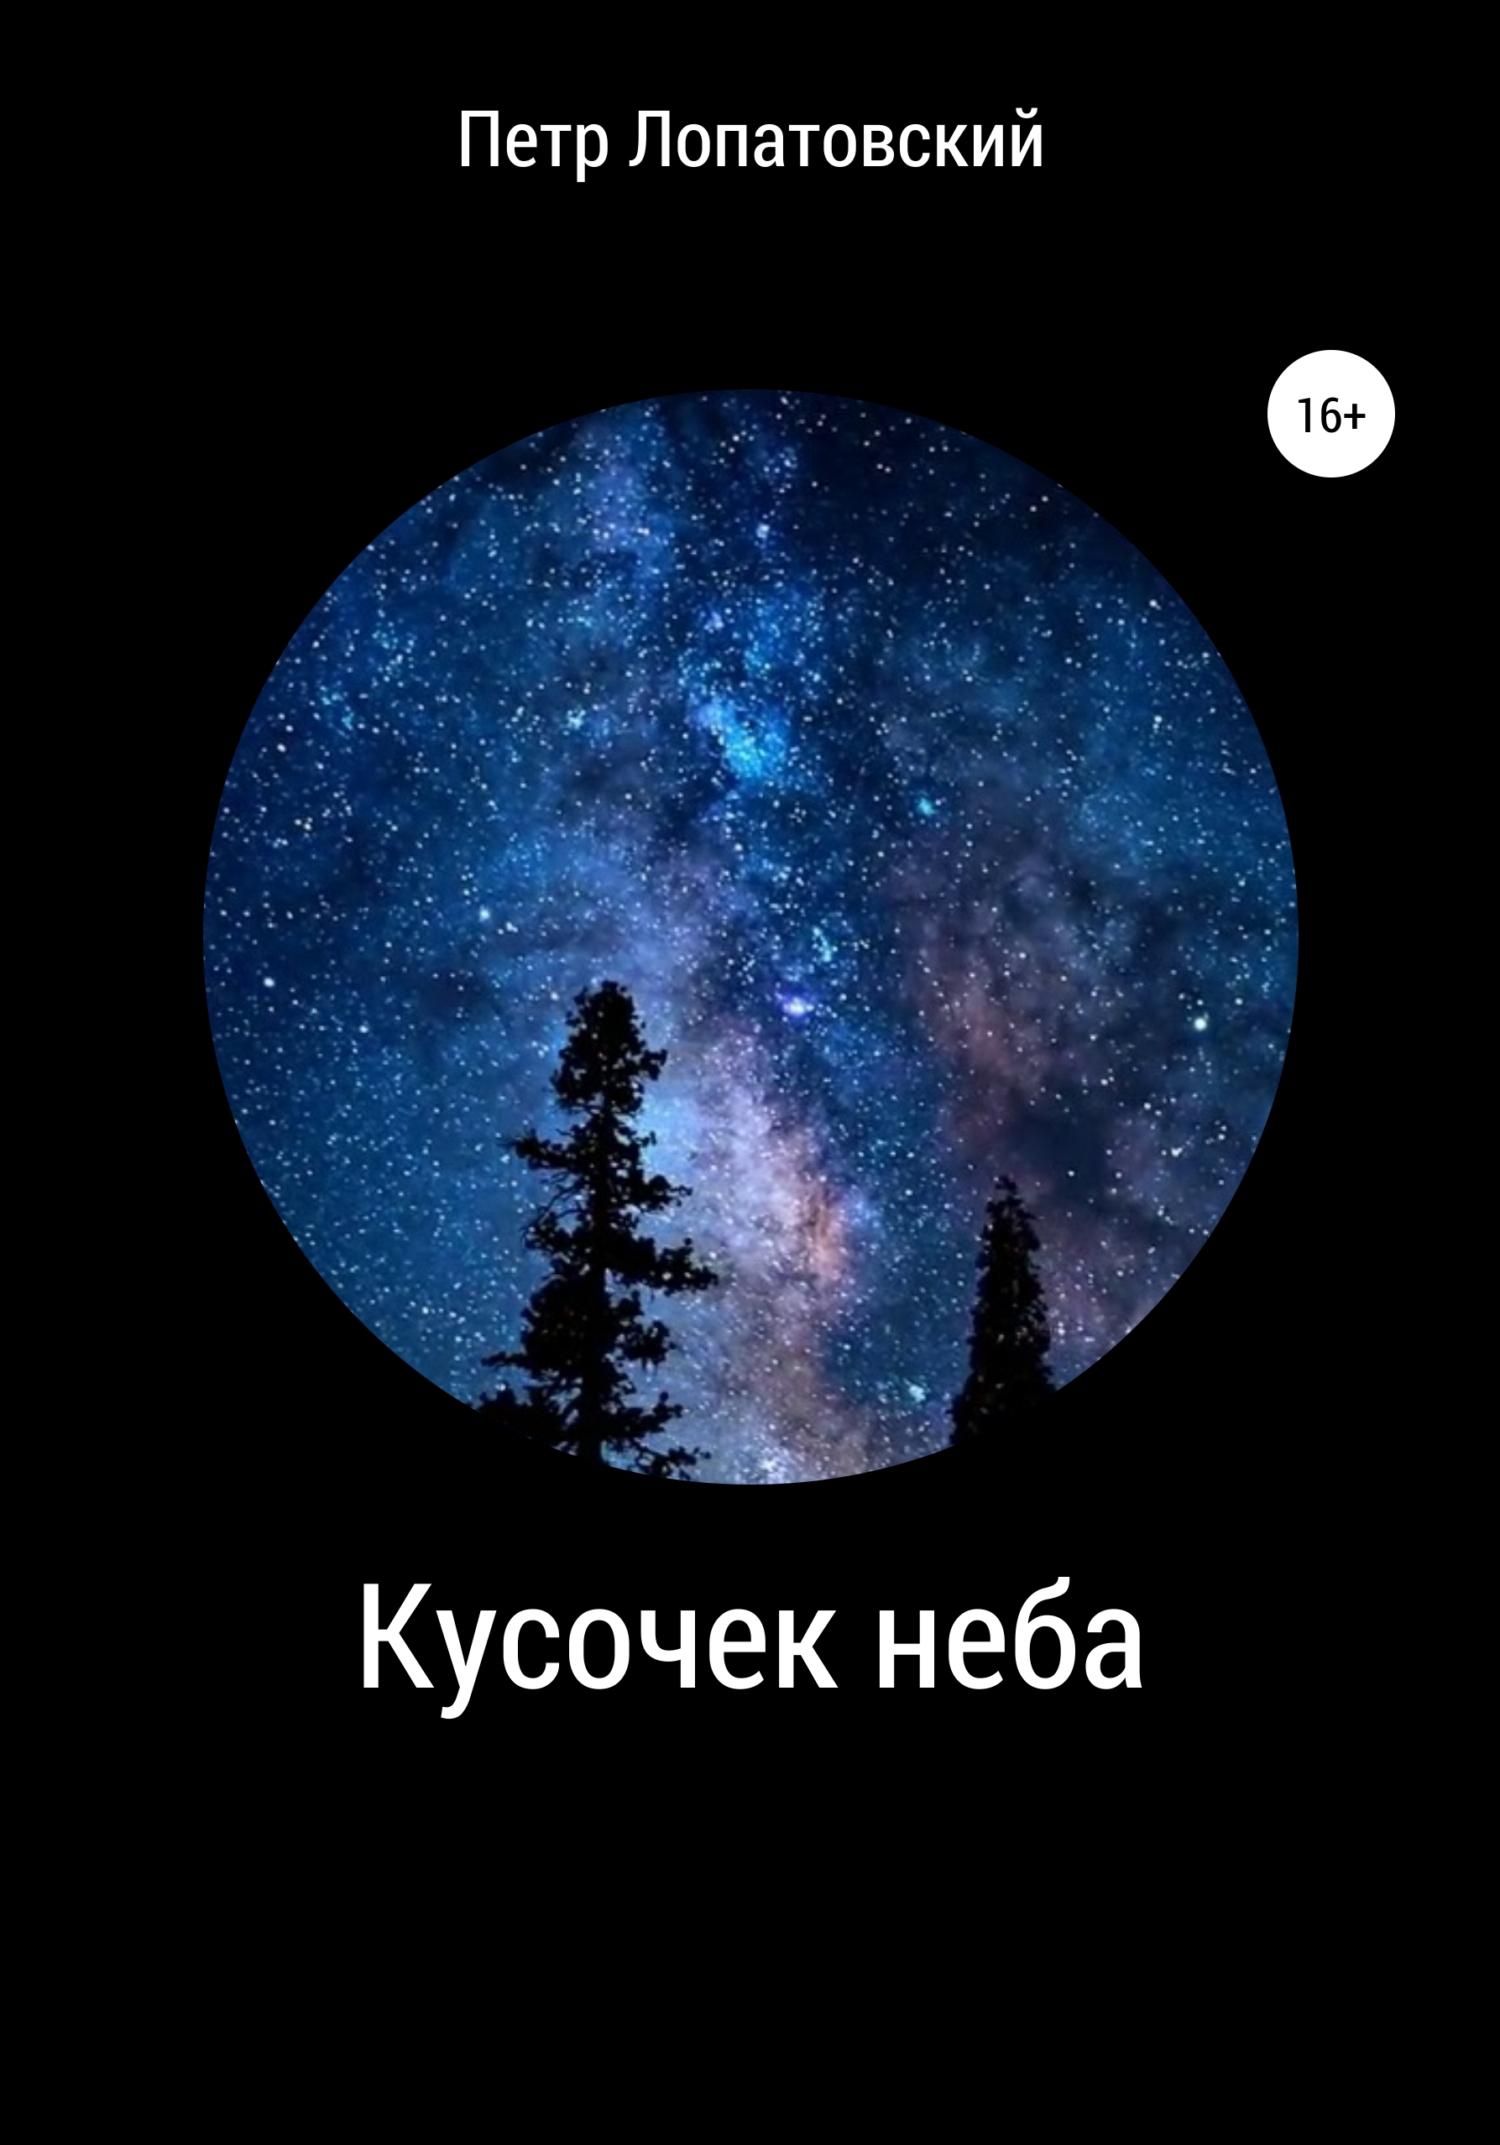 Кусочек неба